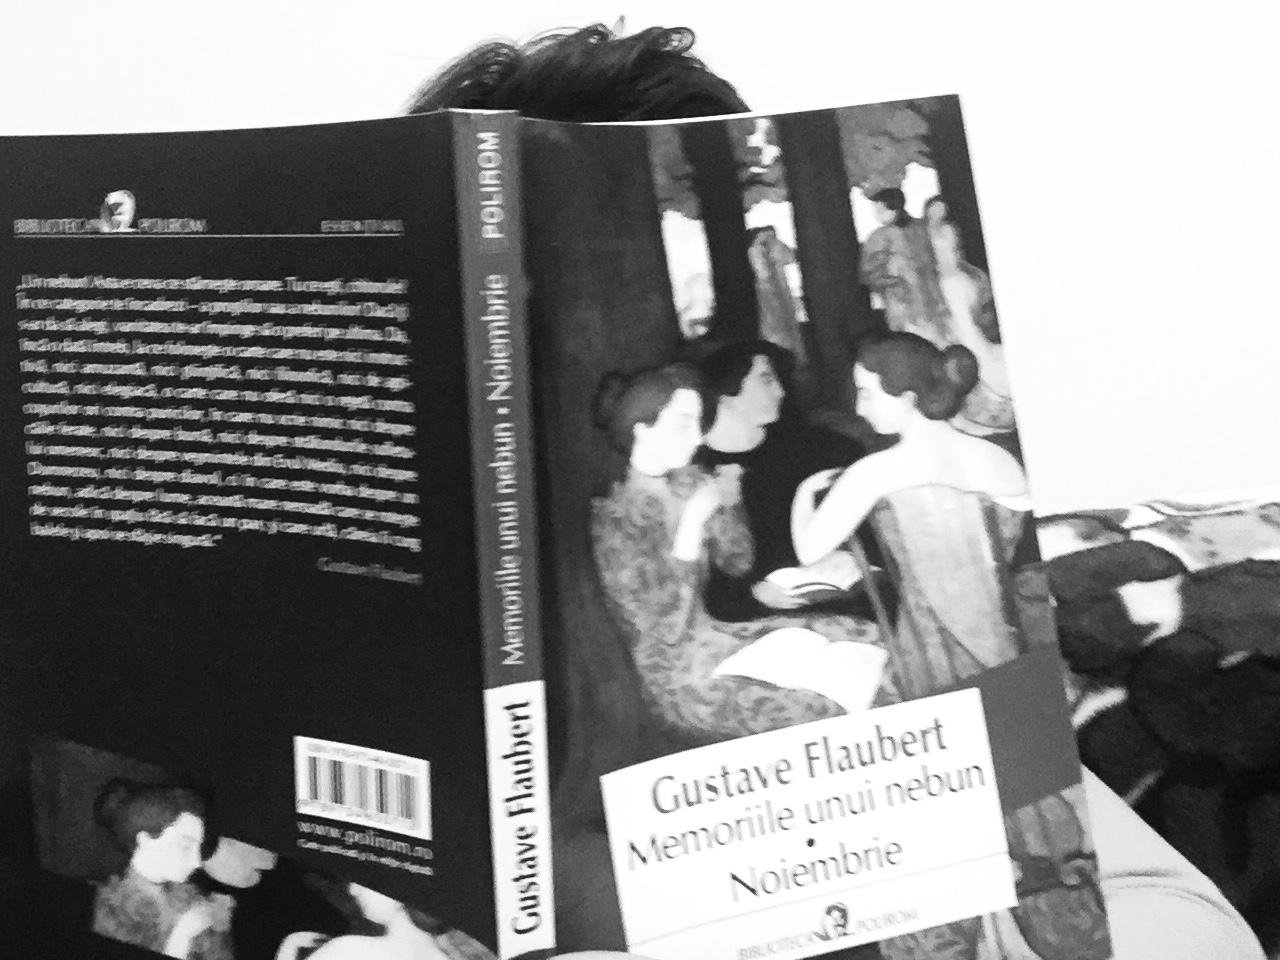 dă-i o șansă lui Flaubert